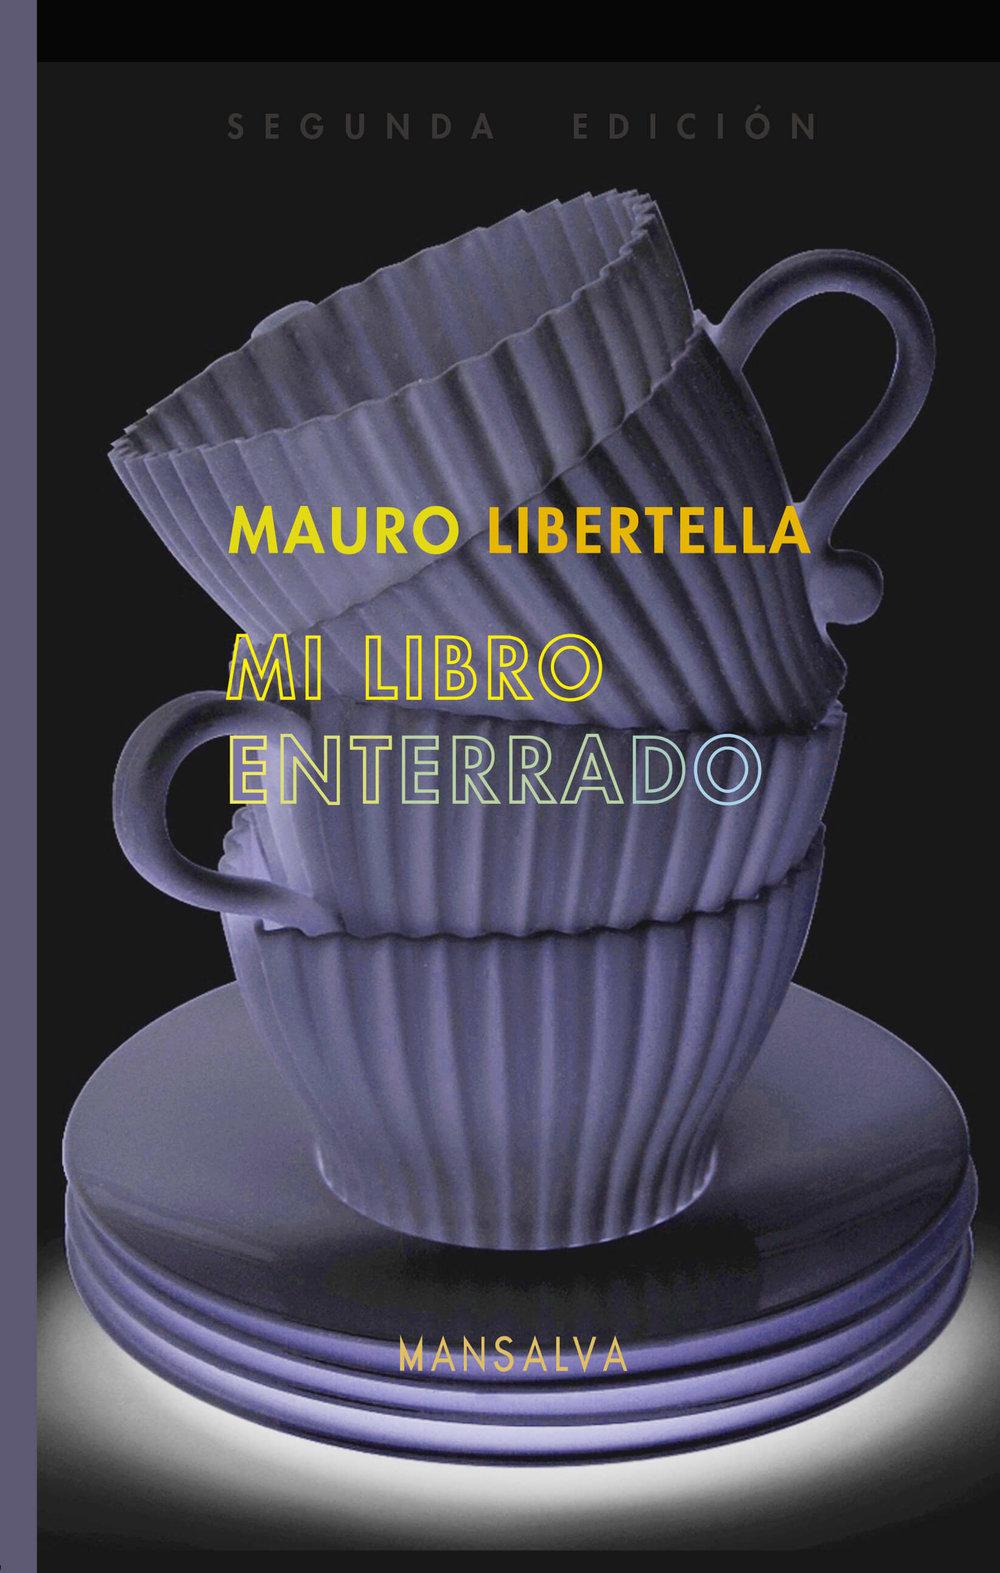 libertella_mi_libro_enterrado_mansalva_ar_portada_1-1.jpg